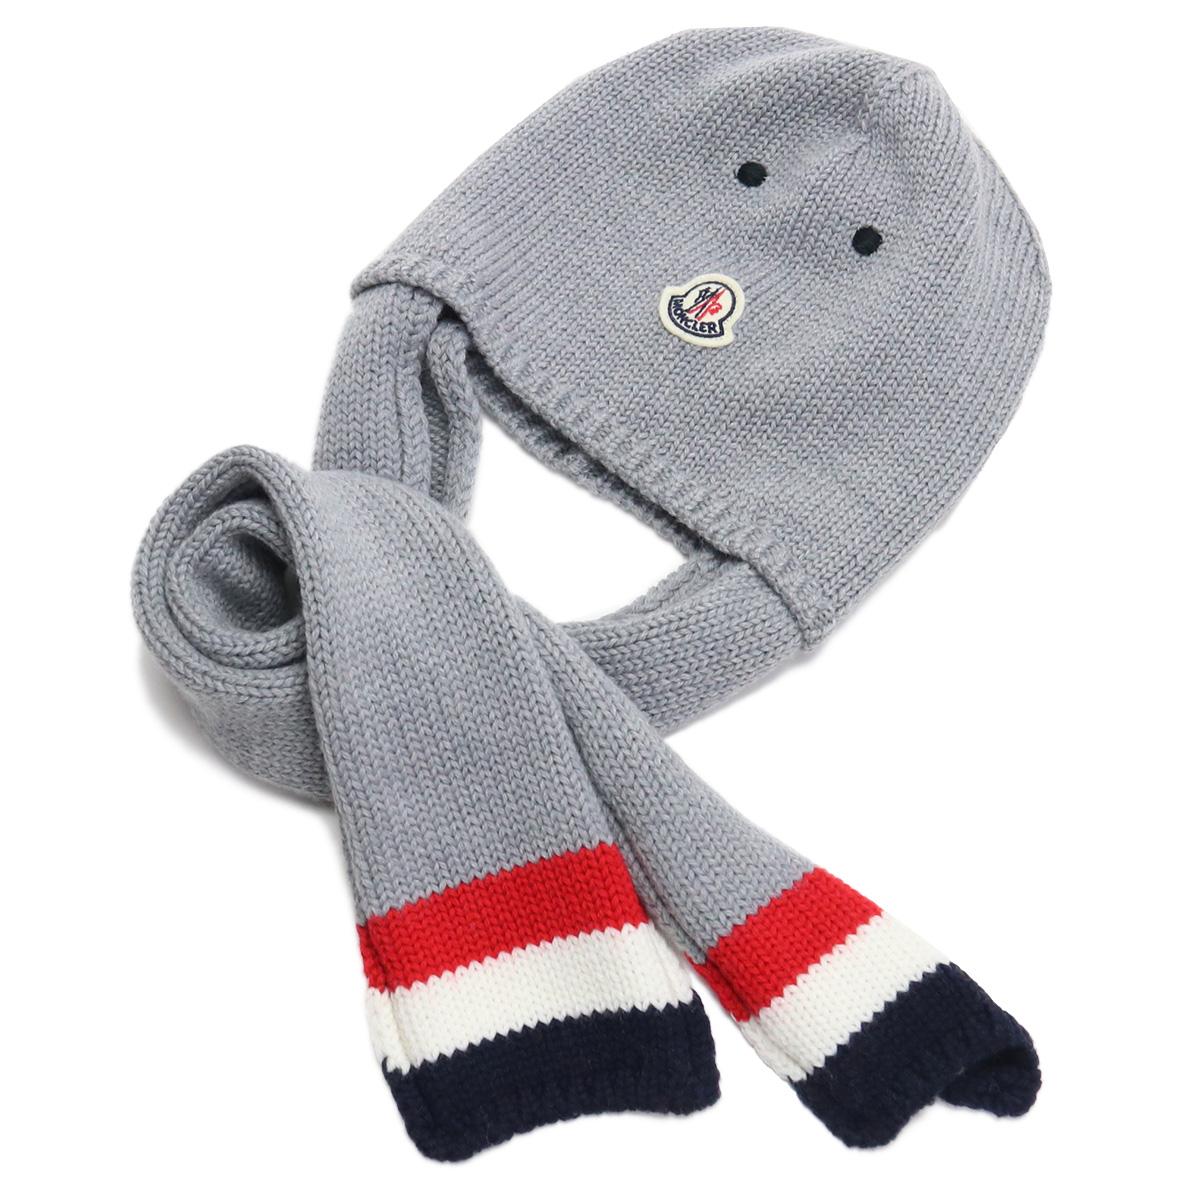 女の子  モンクレール MONCLER 子供服 A9111 キッズアパレル bos-10- 出産祝い ロゴ ギフト kb-01 983 ベビーギフト グレー系 BERRETTO キッズ-帽子類 男の子 9923050